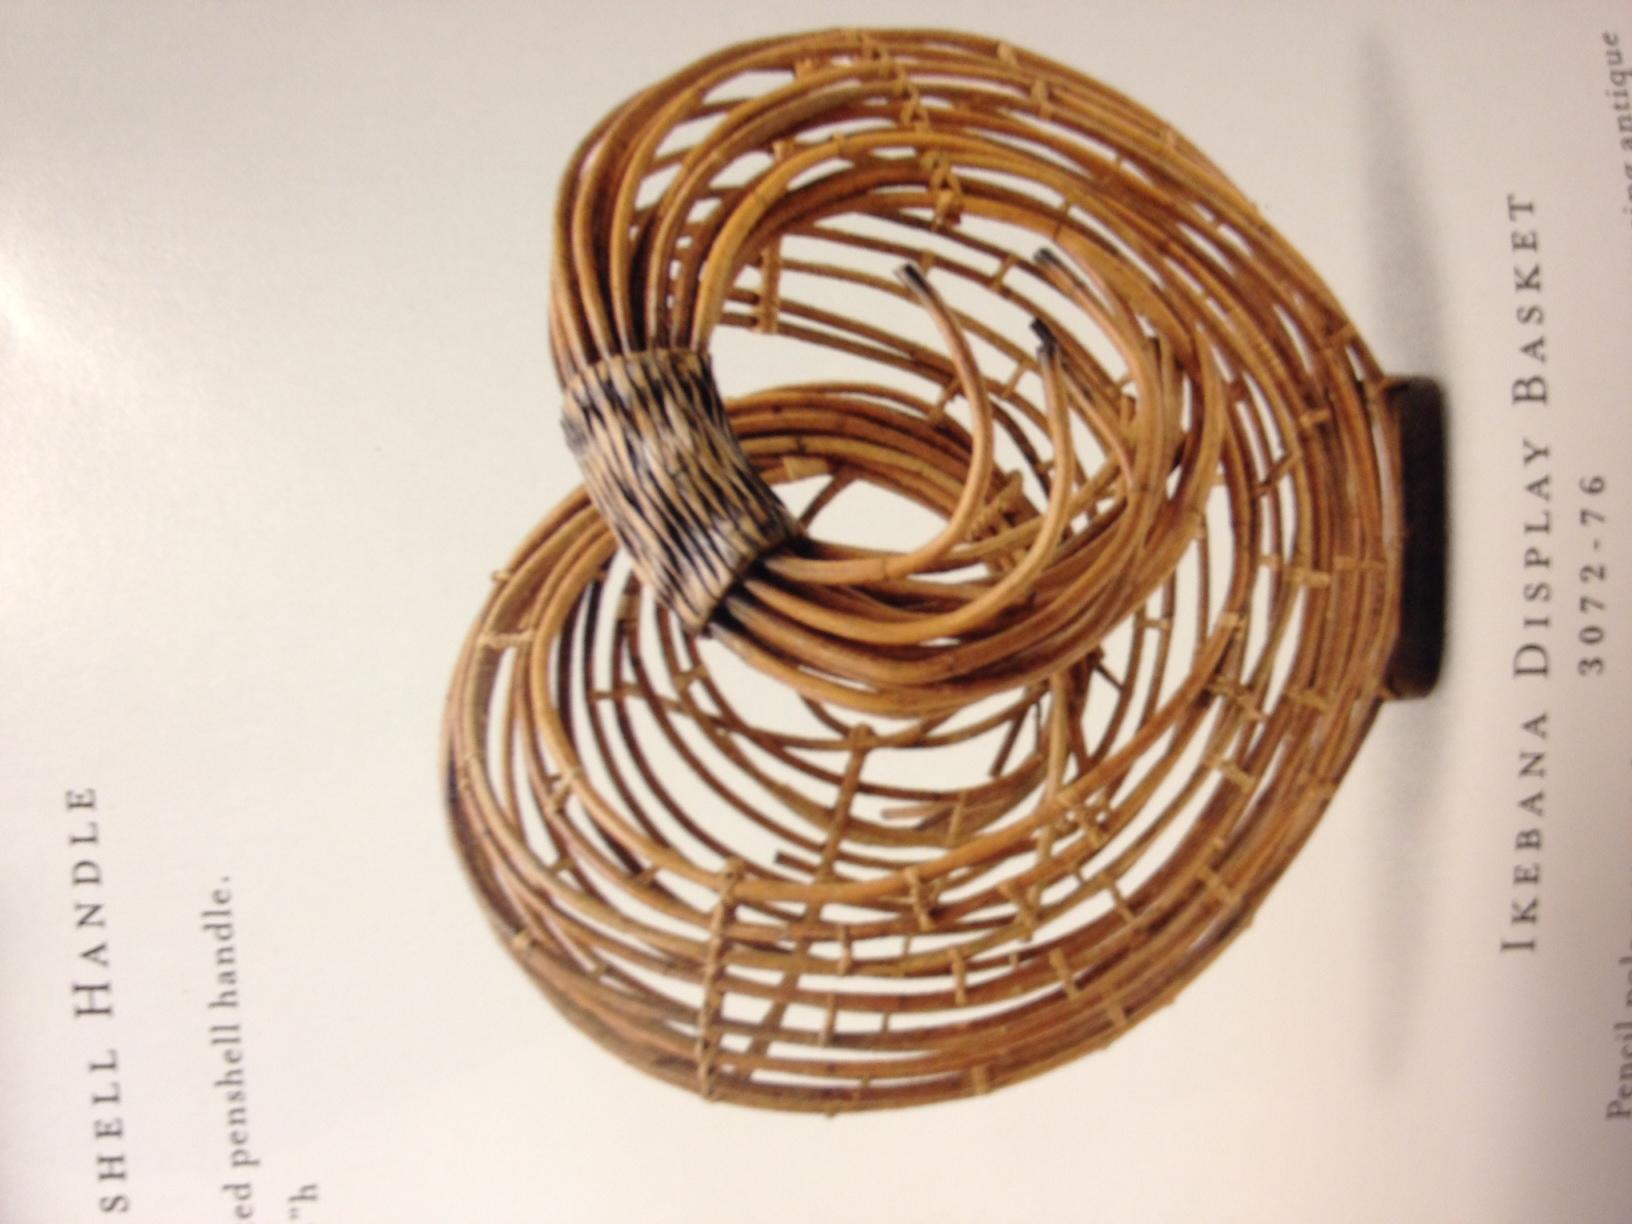 Decorative Patio Accessories Home D 233 Cor Accessories